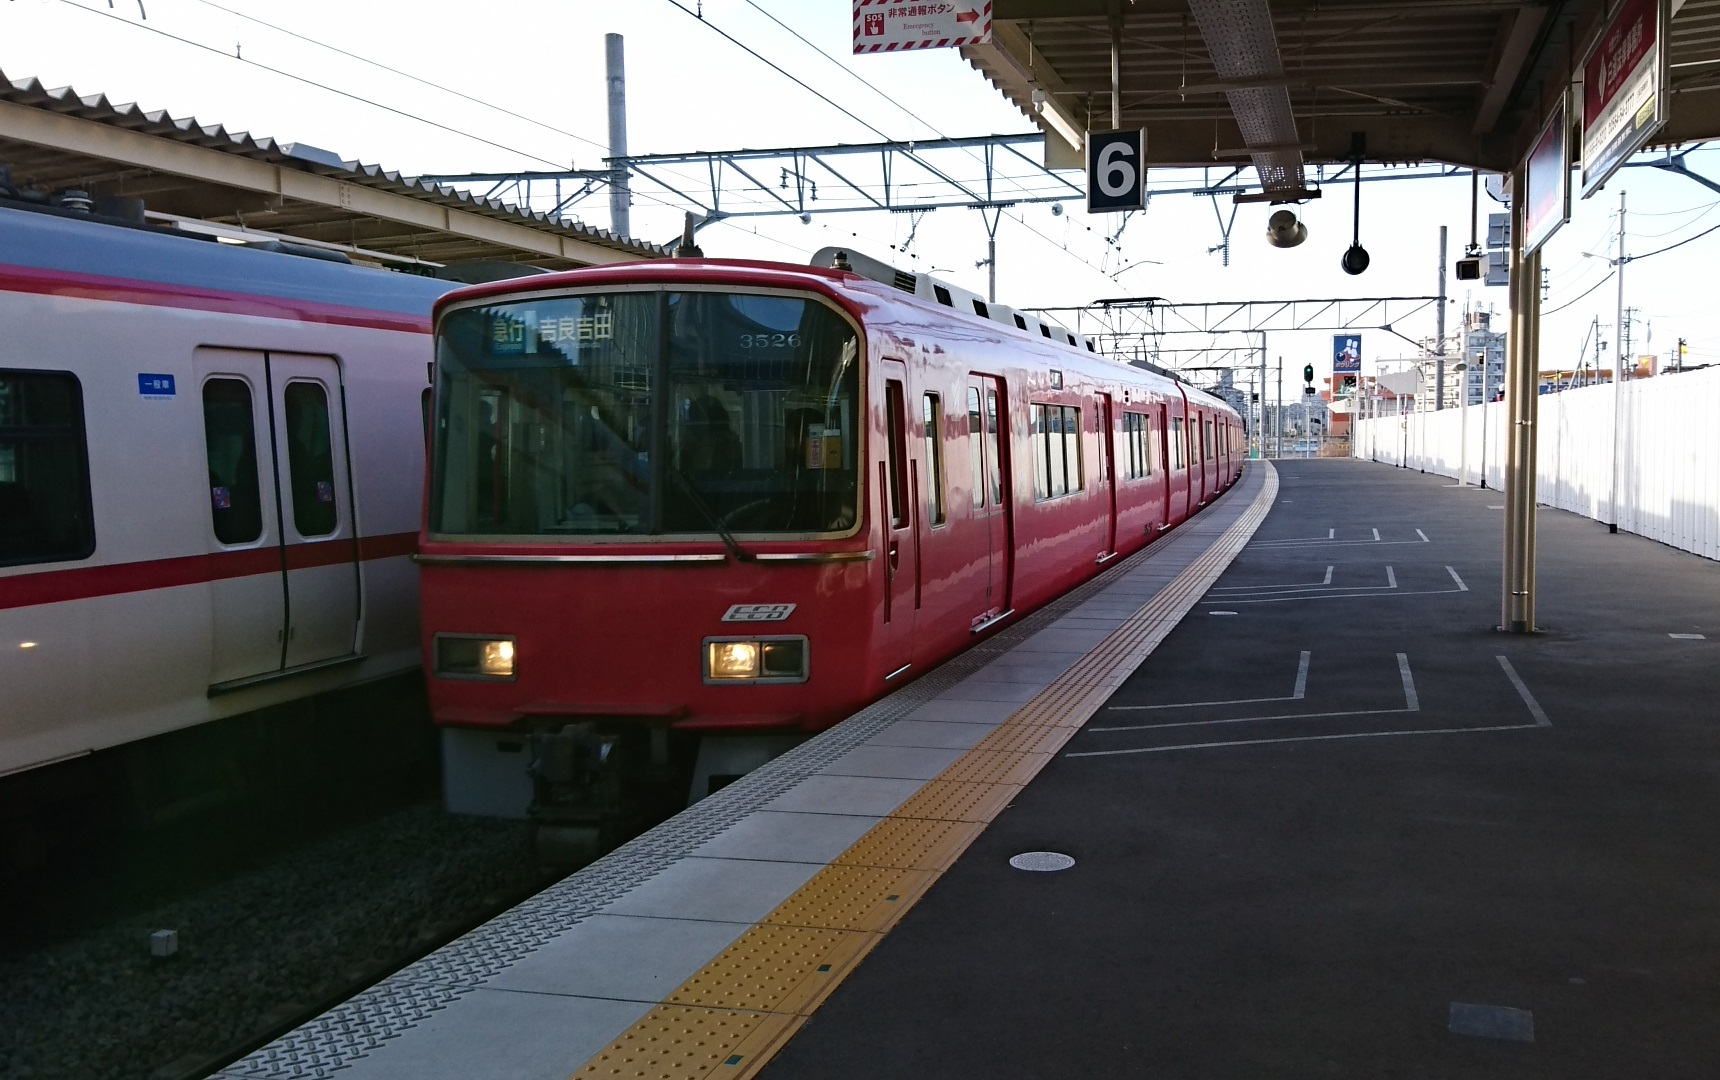 2019.1.11 (105) 知立 - 吉良吉田いき急行 1720-1080